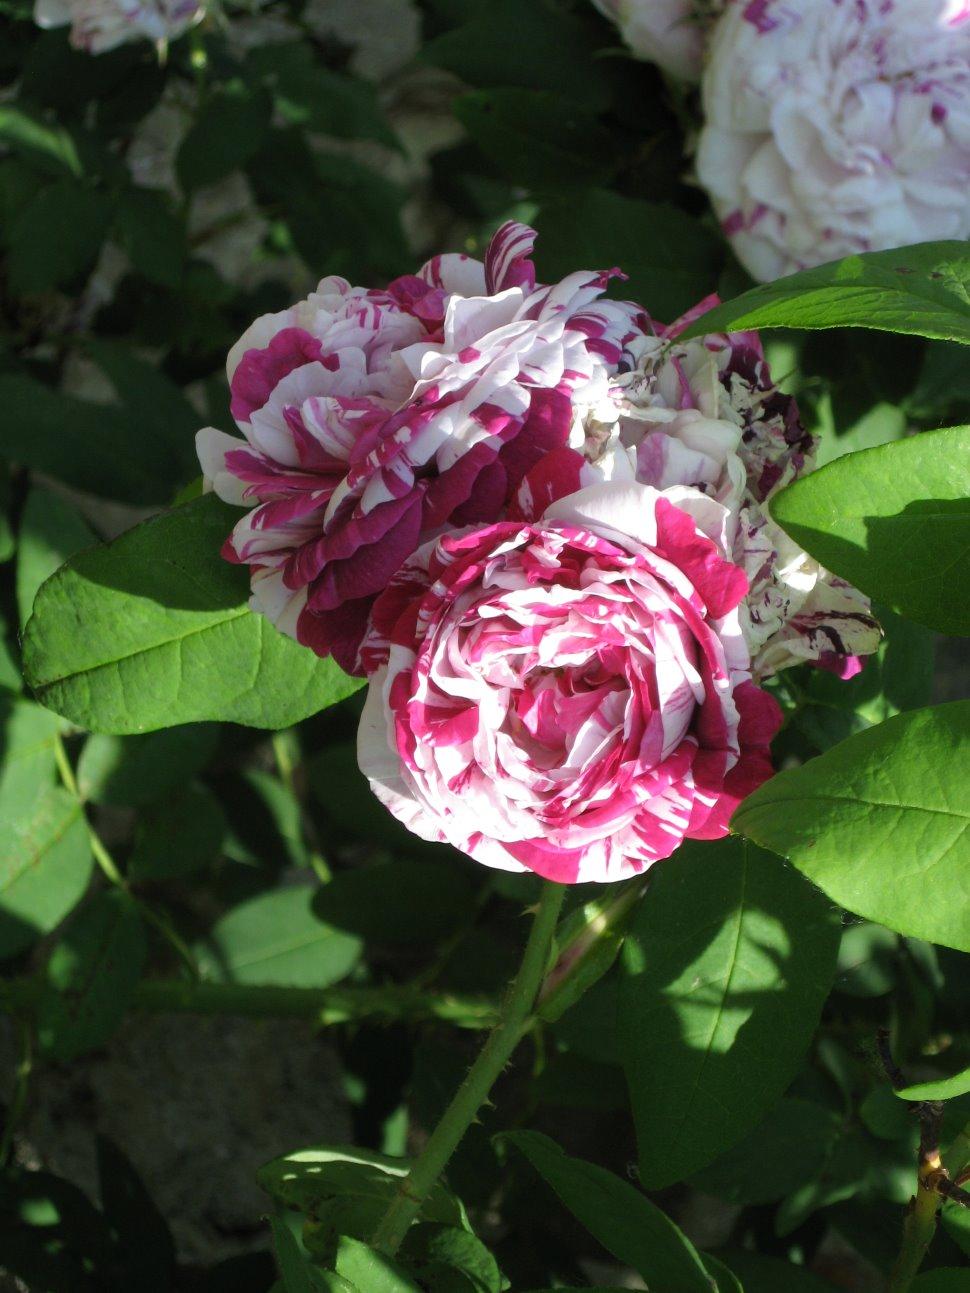 Le rose bourbon. Presentazione del roseto del convento francescano di Kostanjevica